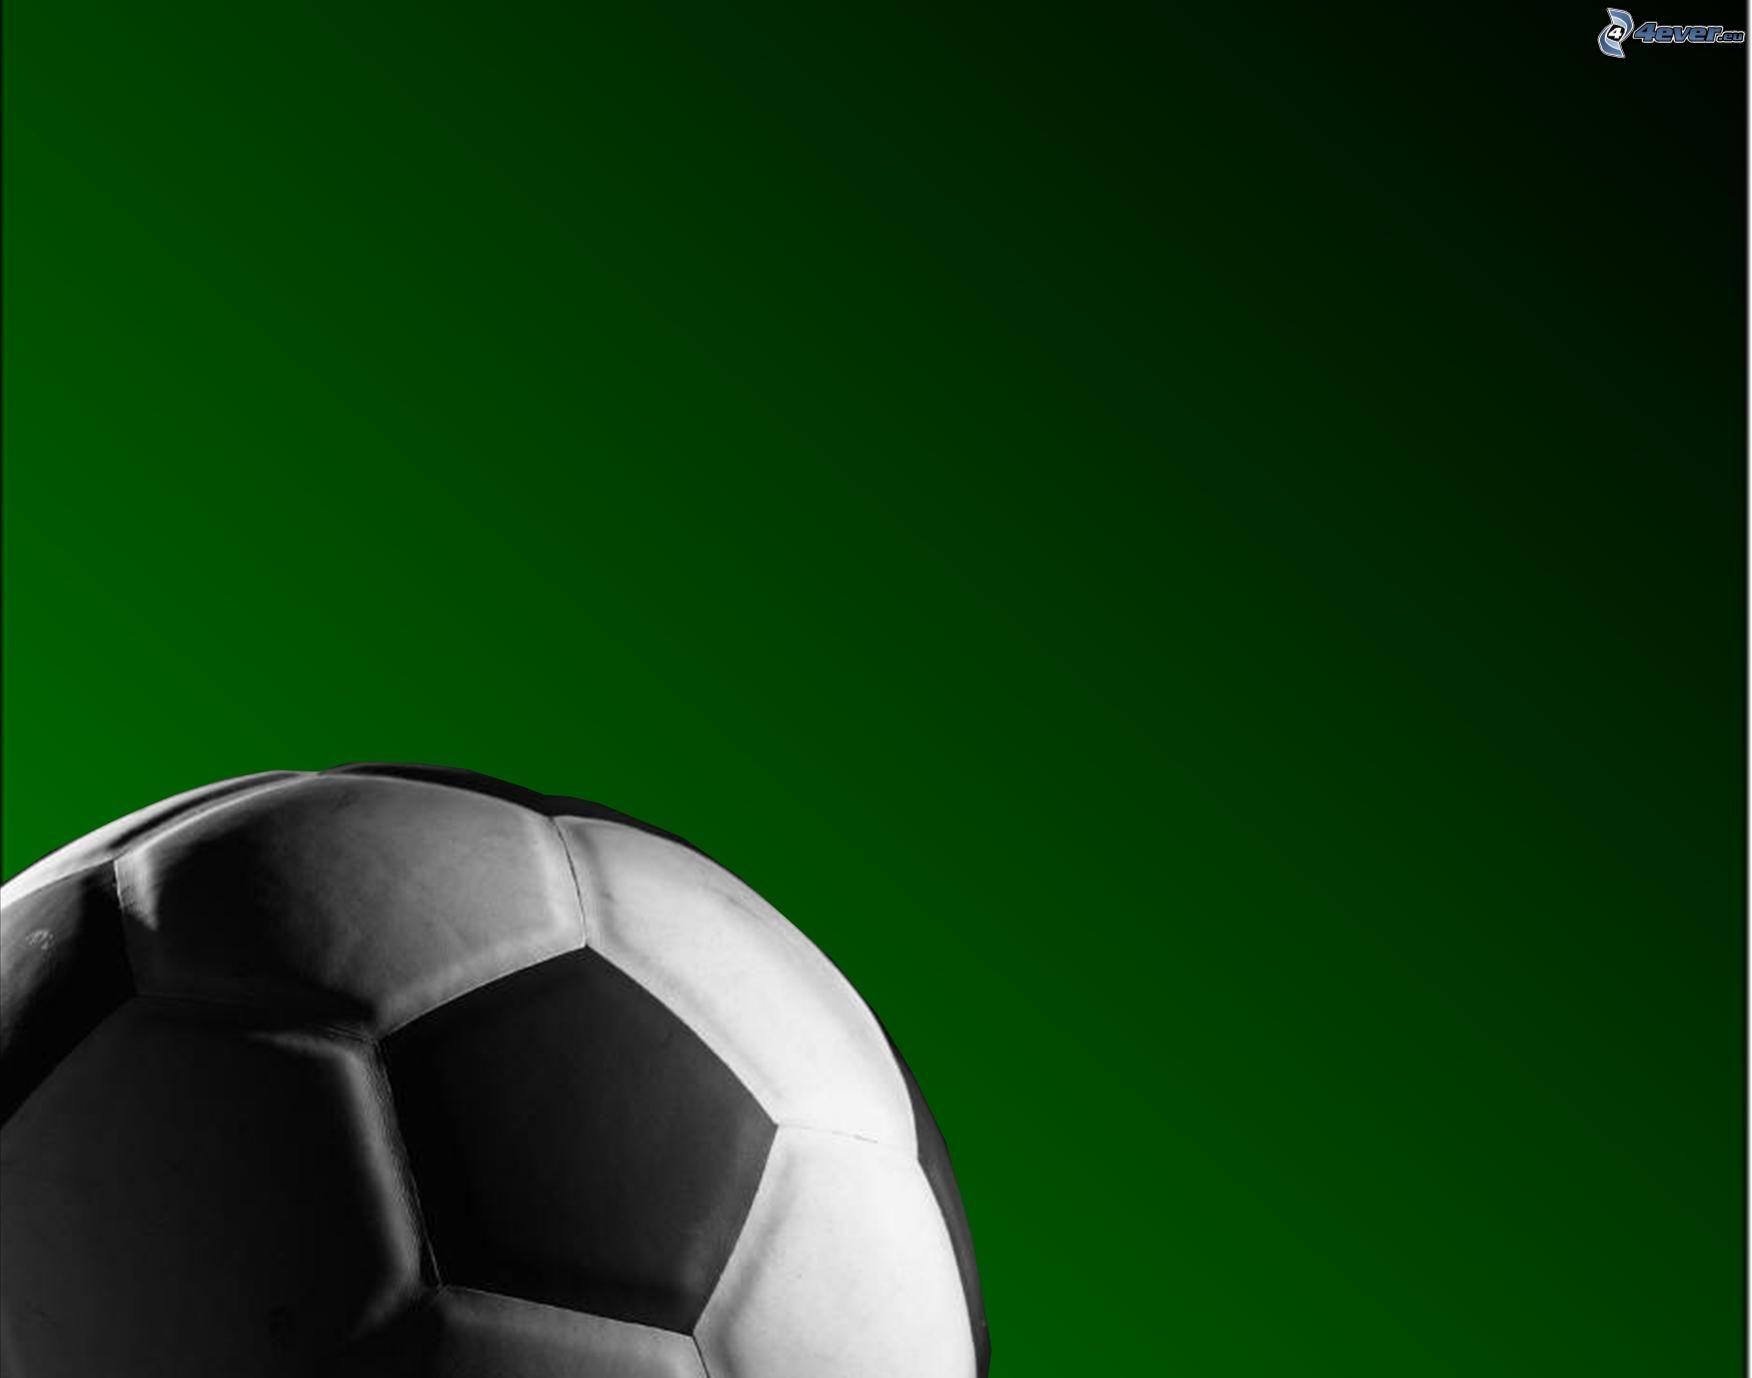 soccer-ball-165643.jpg